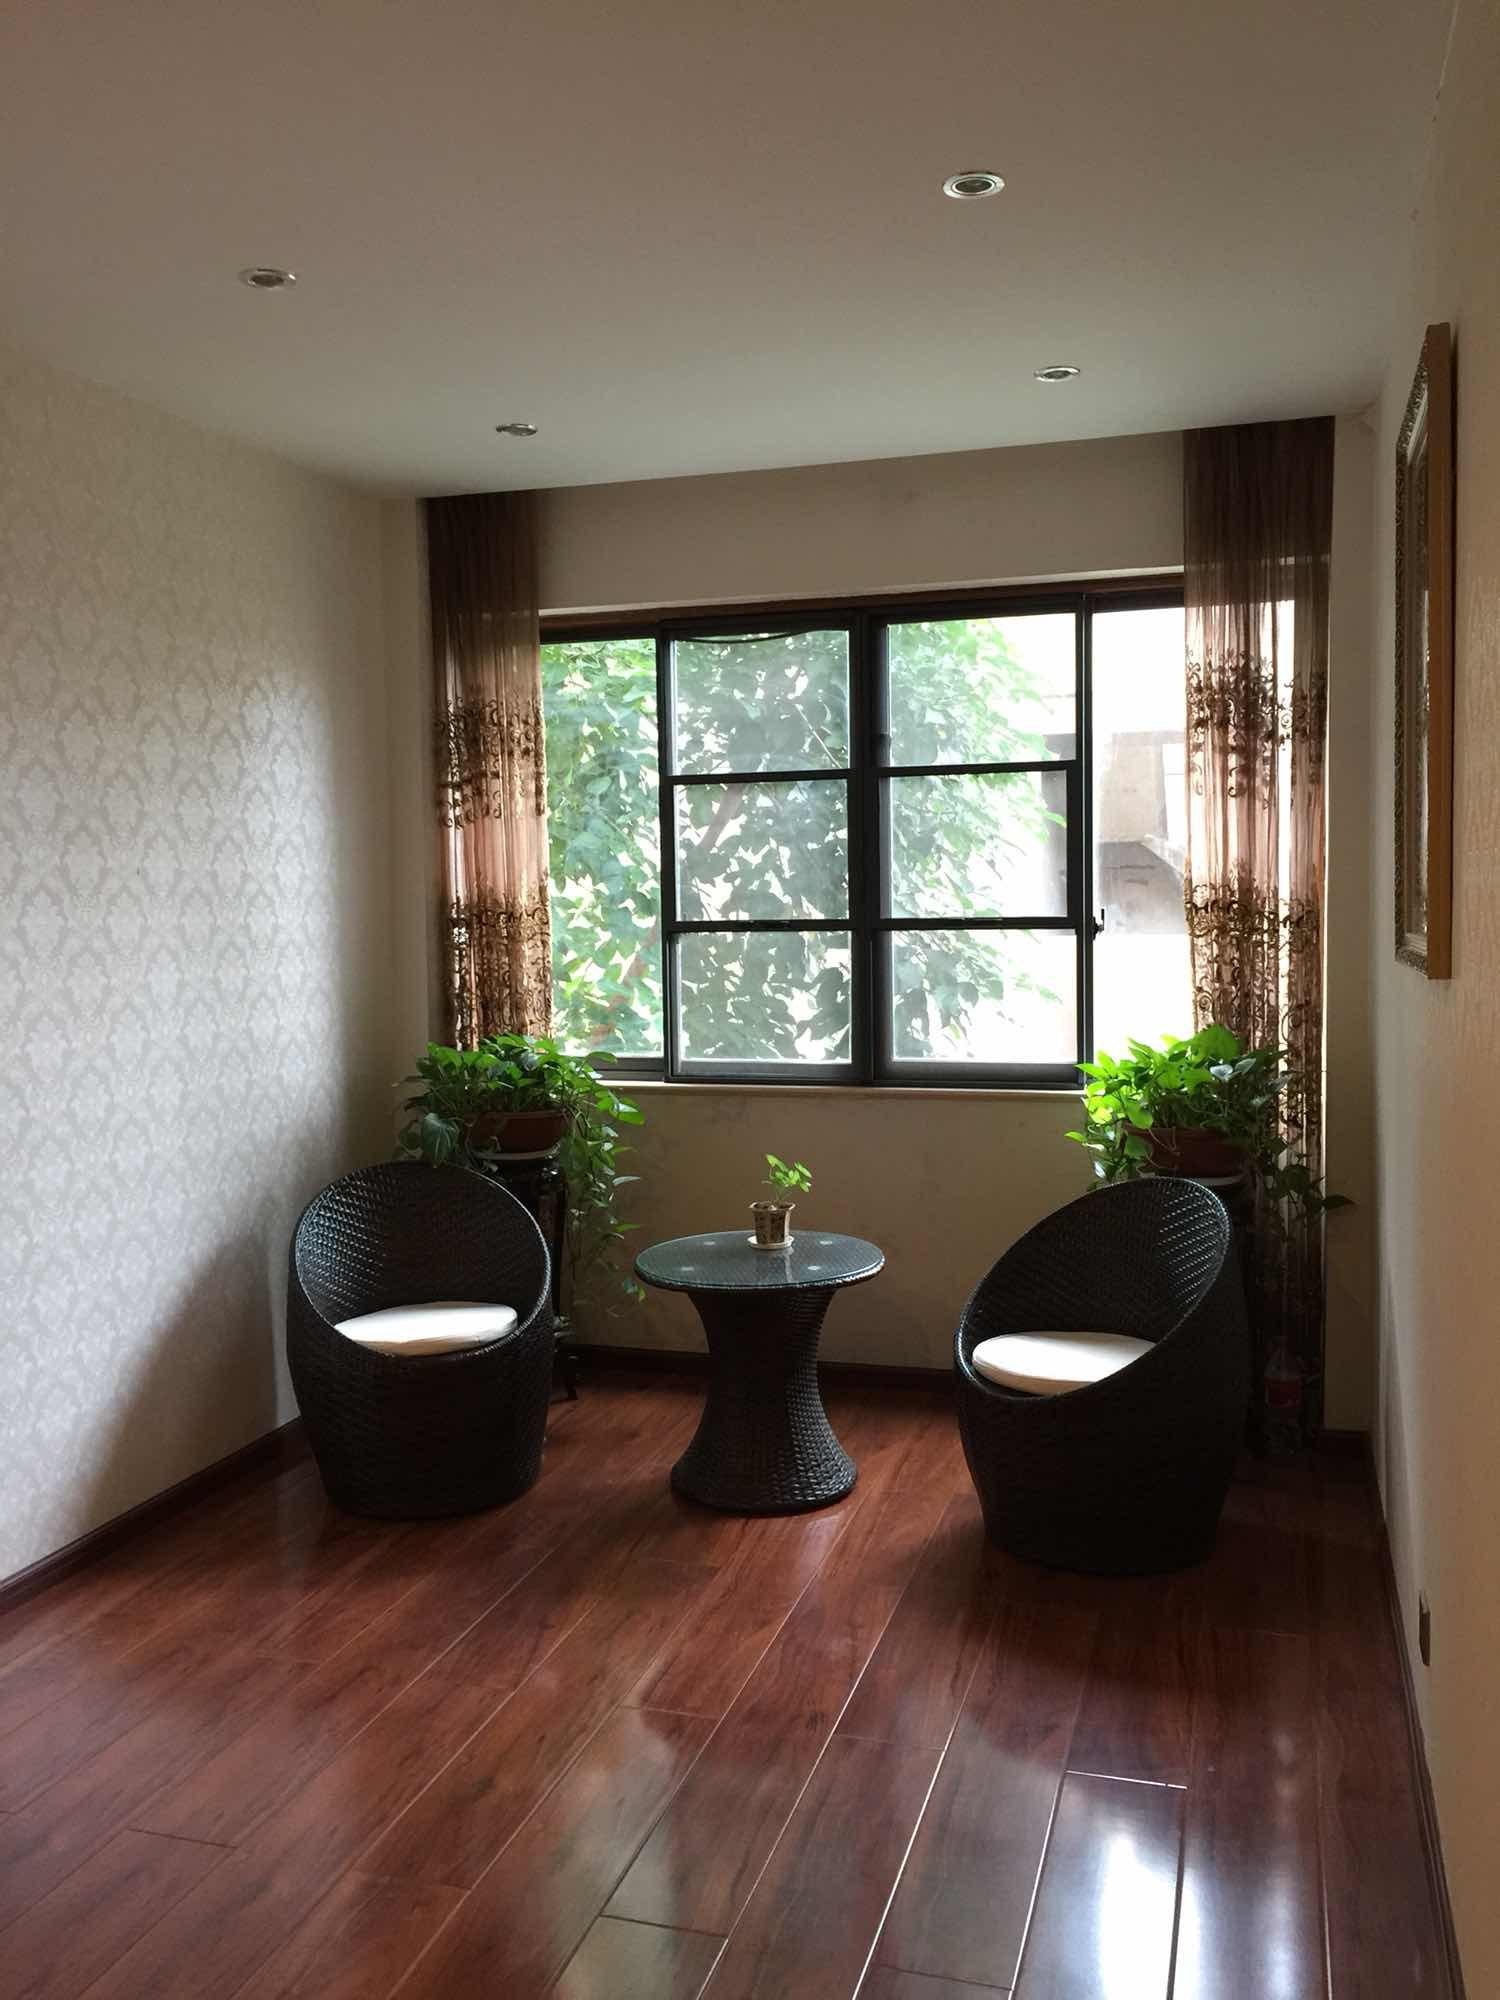 办公室 家居 起居室 设计 装修 1500_2000 竖版 竖屏